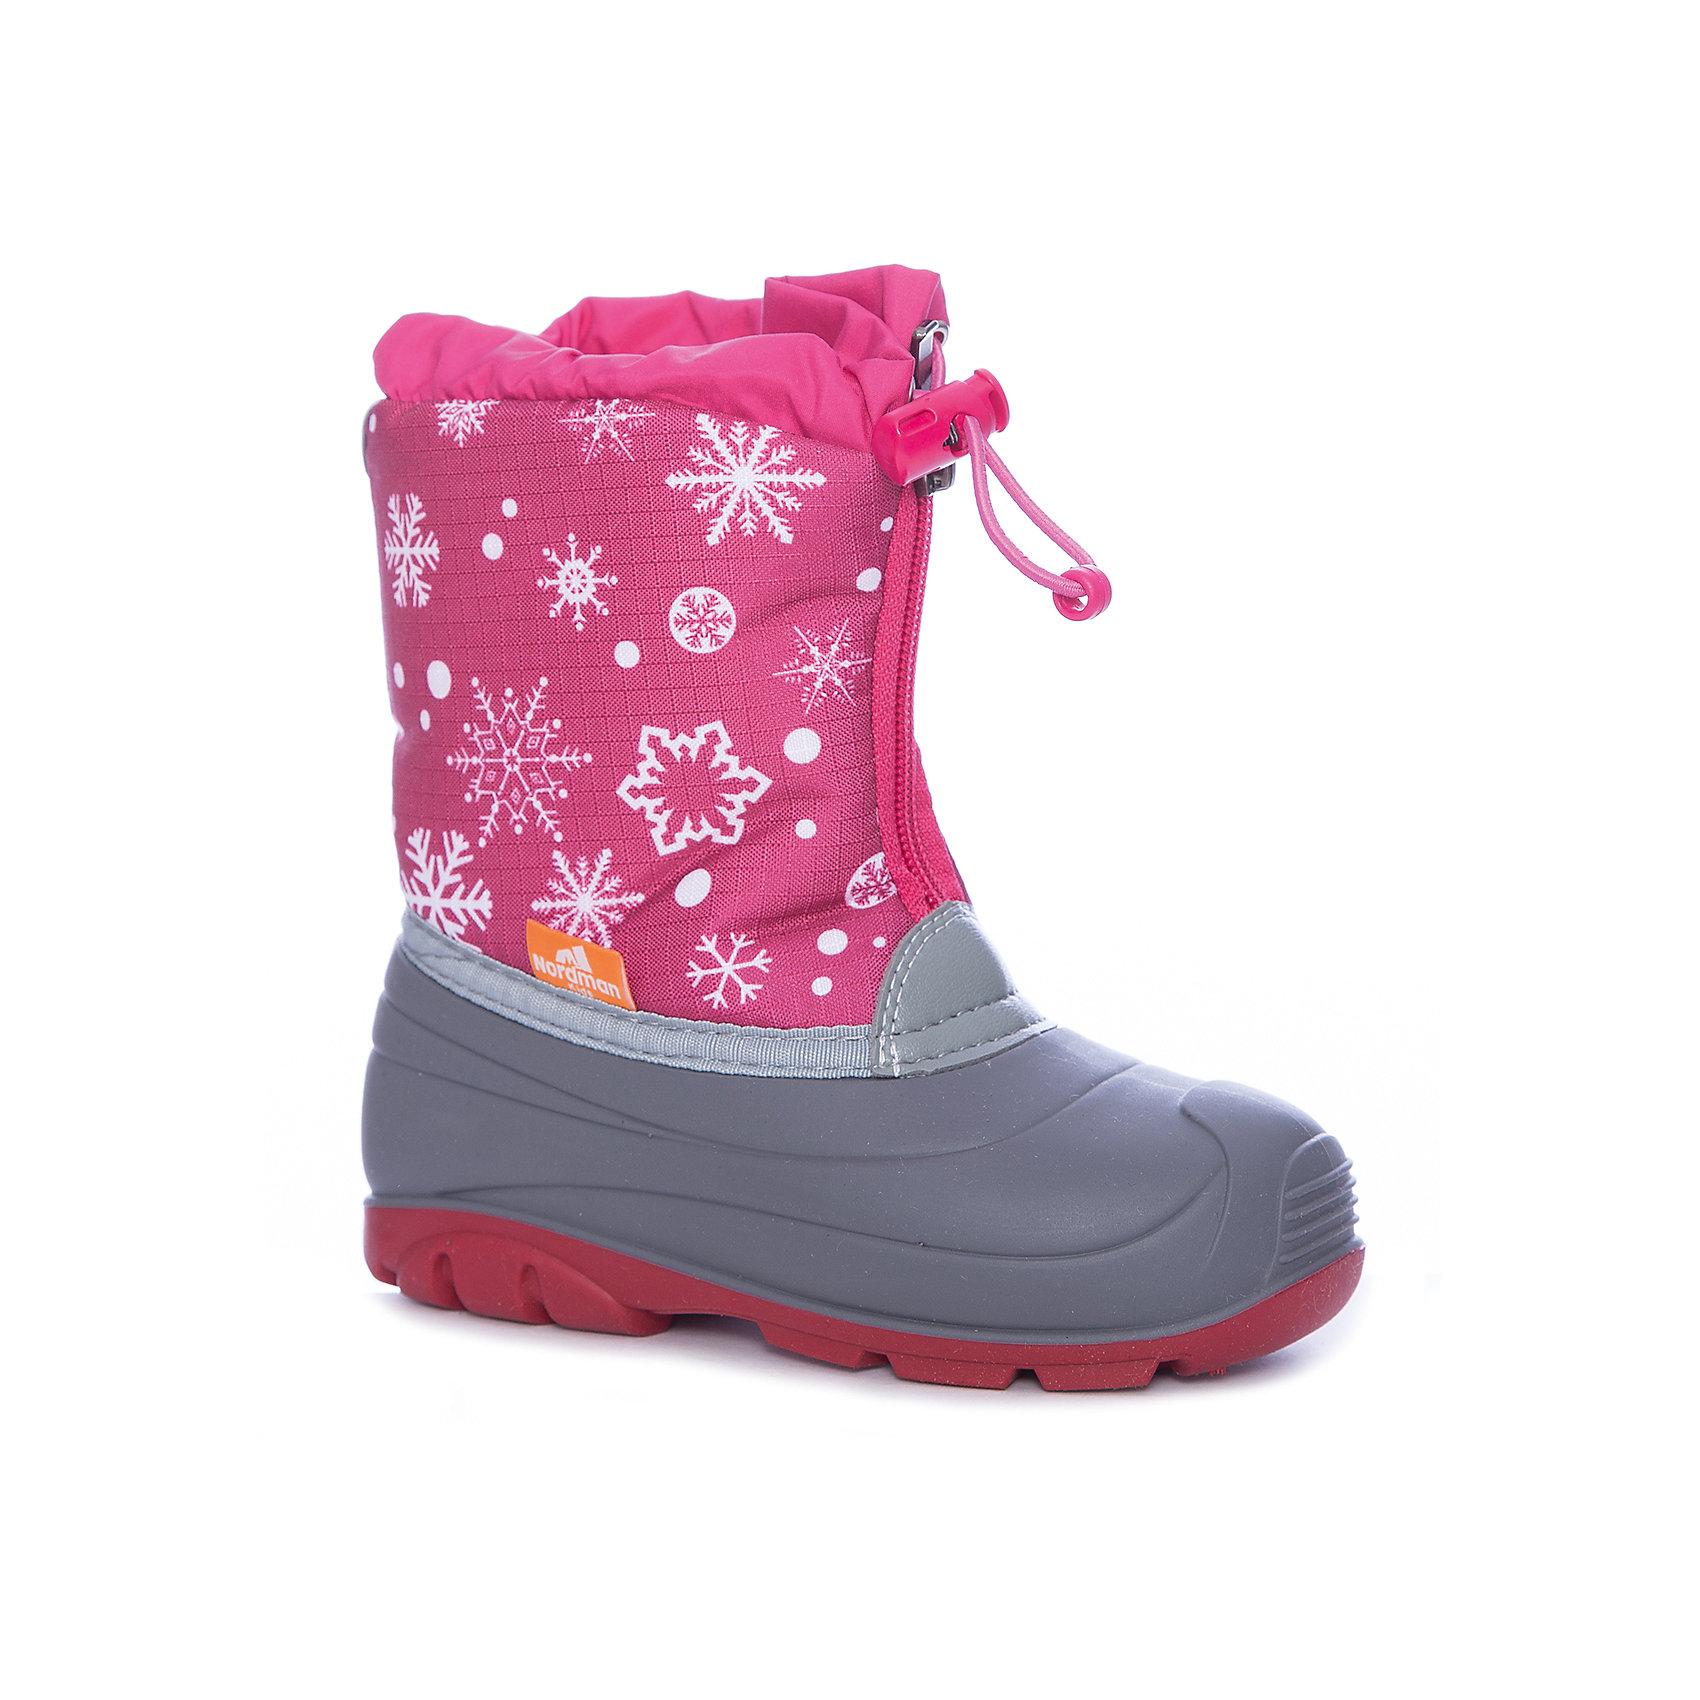 Сноубутсы для девочки NordmanСноубутсы<br>Характеристики товара:<br><br>• цвет: розовый<br>• материал верха: текстиль (oxford)<br>• подклад: шерстяной мех<br>• стелька: шерстяной мех<br>• подошва: ТЭП<br>• сезон: зима<br>• температурный режим: от +7 до -10<br>• застежка: молния, утяжка<br>• непромокаемые<br>• подошва не скользит<br>• анатомические <br>• страна бренда: Россия<br>• страна изготовитель: Россия<br><br>Сноубутсы для девочки Nordman позволяют сохранить ноги в тепле и одновременно не дают им промокнуть. Такая обувь отлично подходит для снежной зимы или слякоти в межсезонье. <br><br>Высокое голенище из непромокаемой ткани с утяжкой предотвращает попадание снега в сапог. Меховая подкладка обеспечивает комфортные условия для ног благодаря способности материала впитывать влагу.<br><br>Сноубутсы для девочки Nordman (Нордман) можно купить в нашем интернет-магазине.<br><br>Ширина мм: 257<br>Глубина мм: 180<br>Высота мм: 130<br>Вес г: 420<br>Цвет: розовый<br>Возраст от месяцев: 60<br>Возраст до месяцев: 72<br>Пол: Женский<br>Возраст: Детский<br>Размер: 29,23,24,25,26,27,28<br>SKU: 6867269